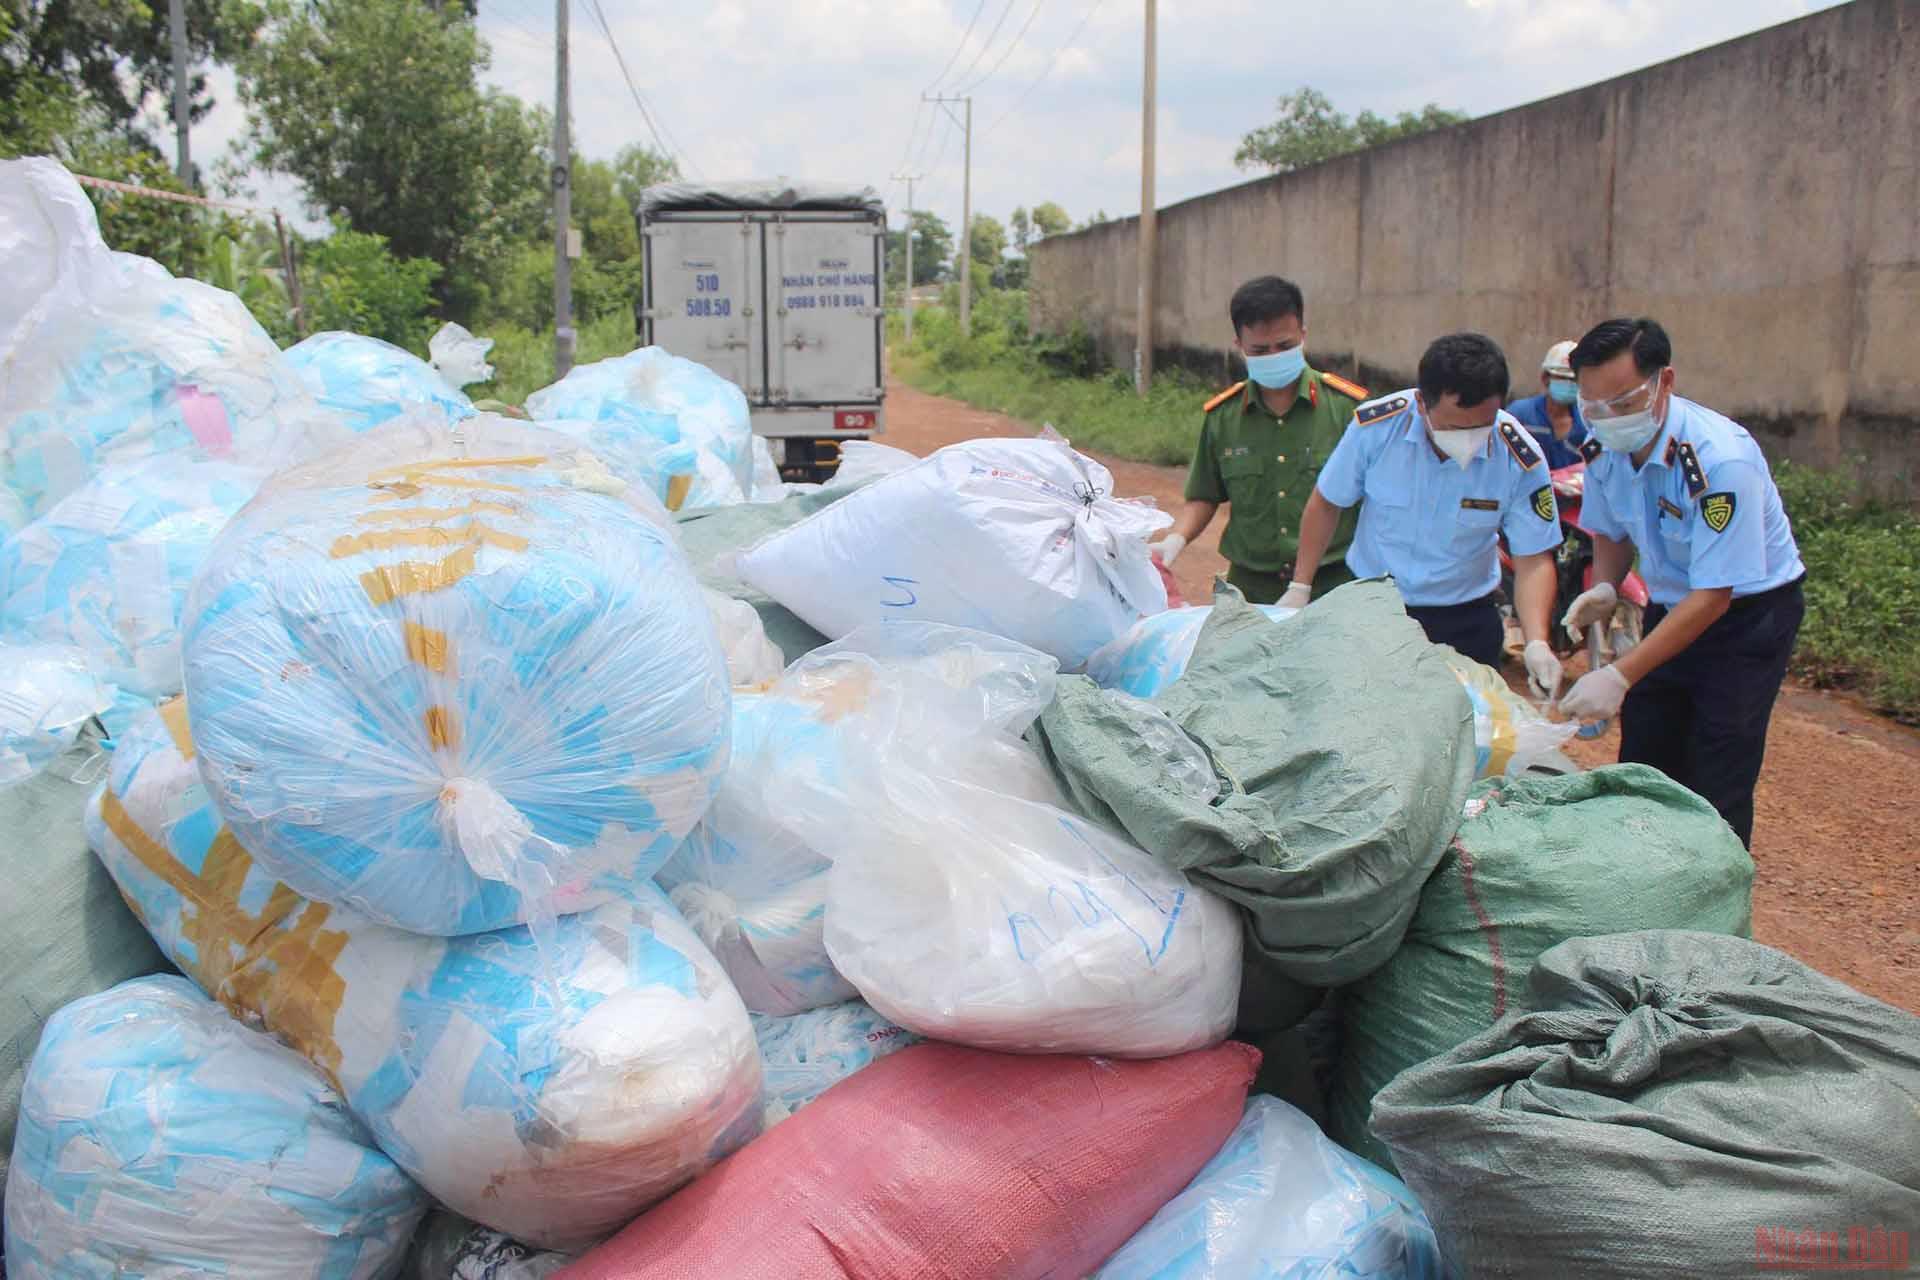 Kinh hoàng hơn 1 tấn khẩu trang thu gom từ TP Hồ Chí Minh được tái chế để tiêu thụ - Ảnh 2.